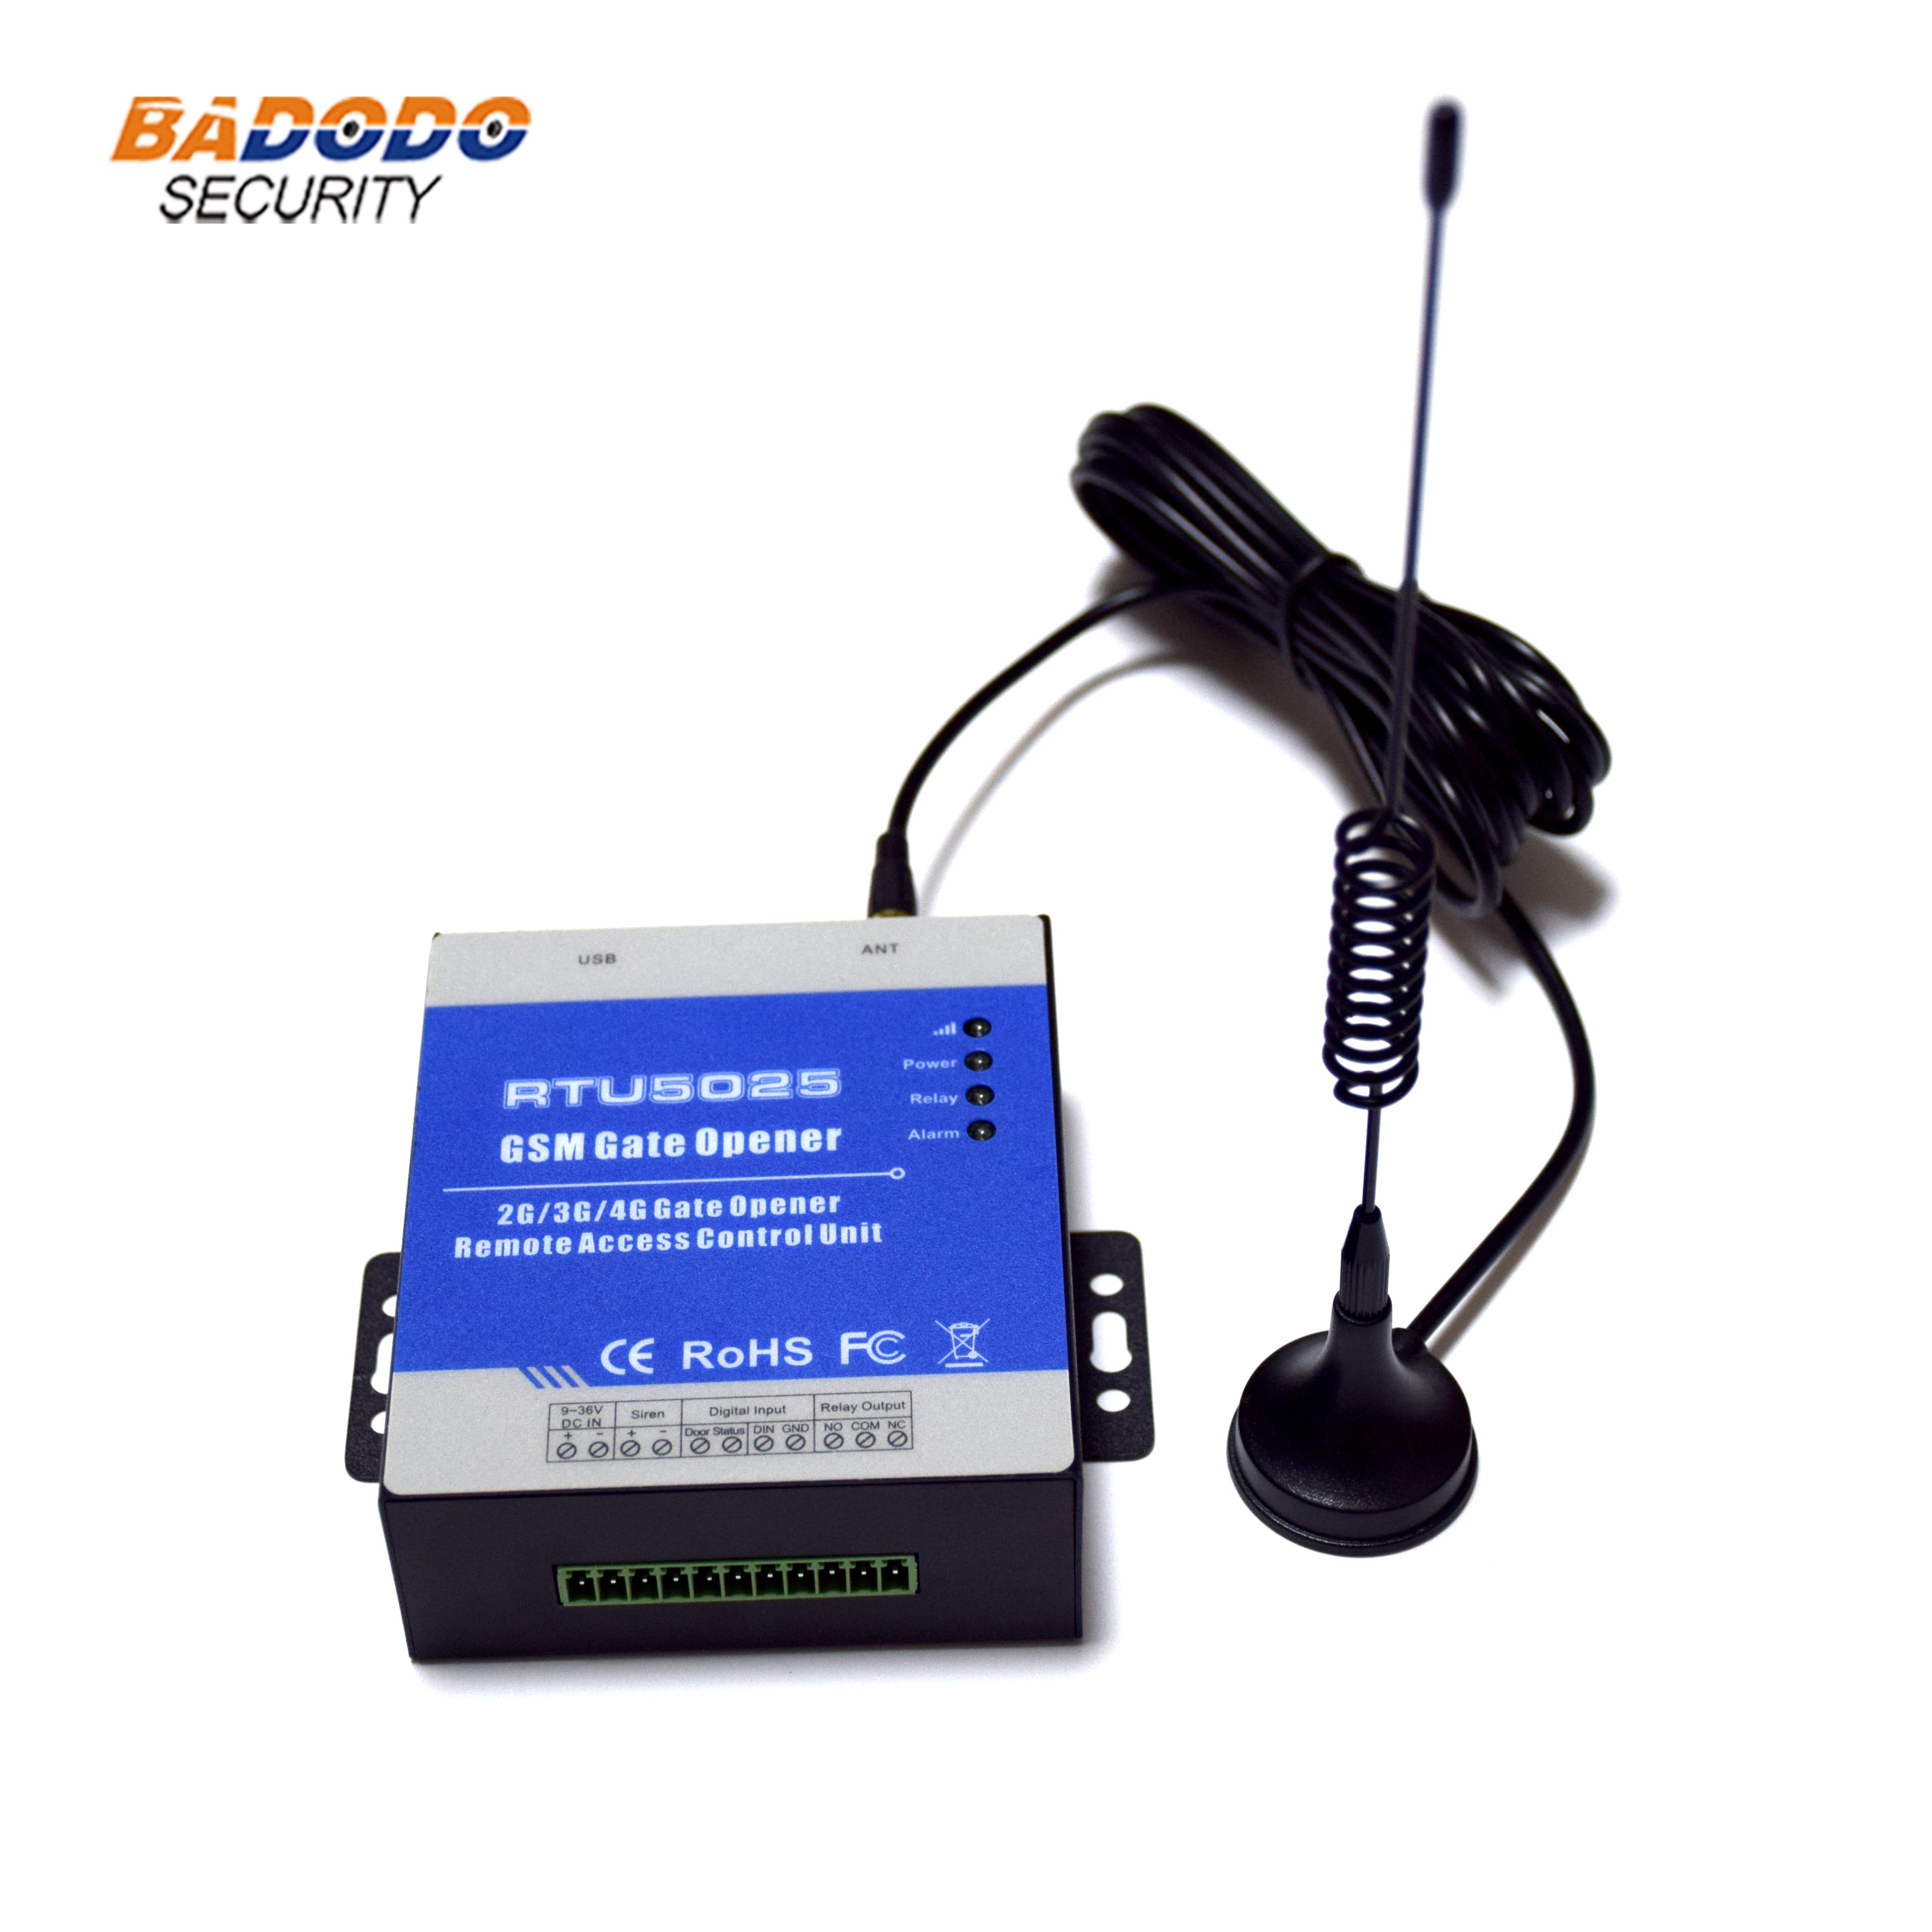 Inalámbrico 2G GSM GPRS 3G 4G abridor de puerta RTU5025 Control de acceso remoto Unidad de encendido/apagado para Control de acceso remoto